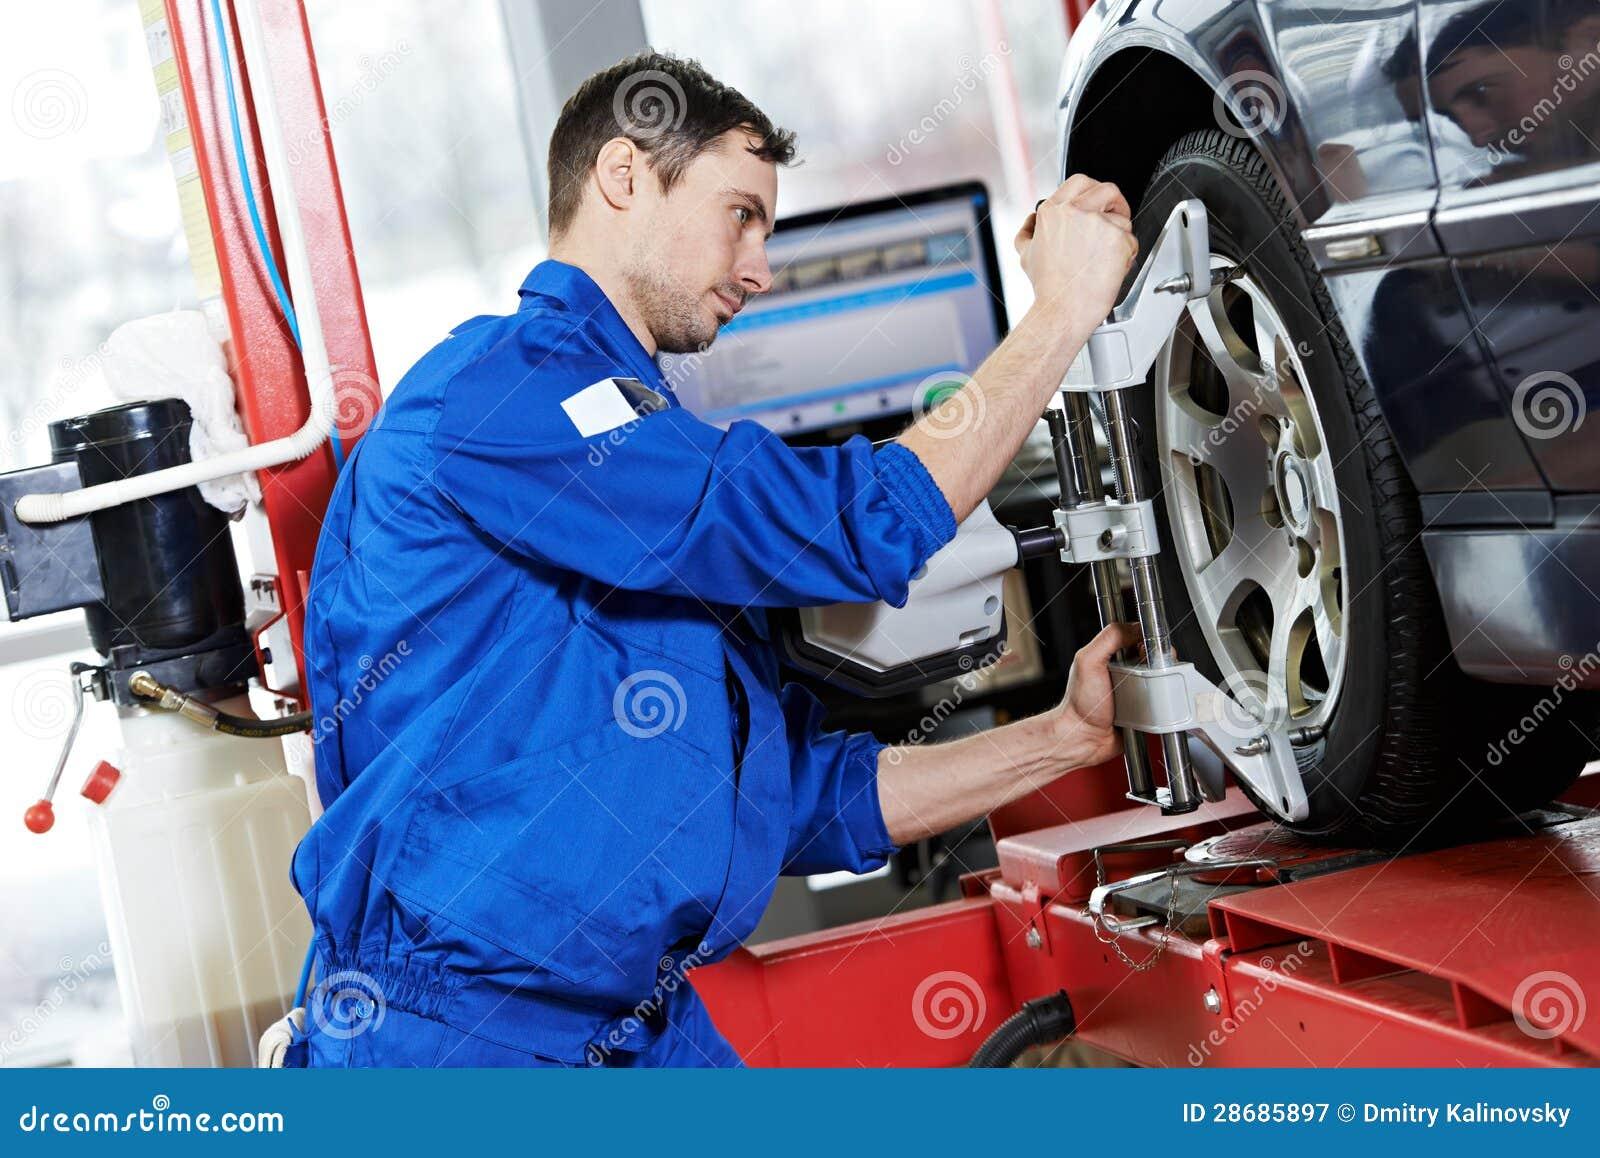 Auto mecânico no trabalho do alinhamento de roda com chave inglesa